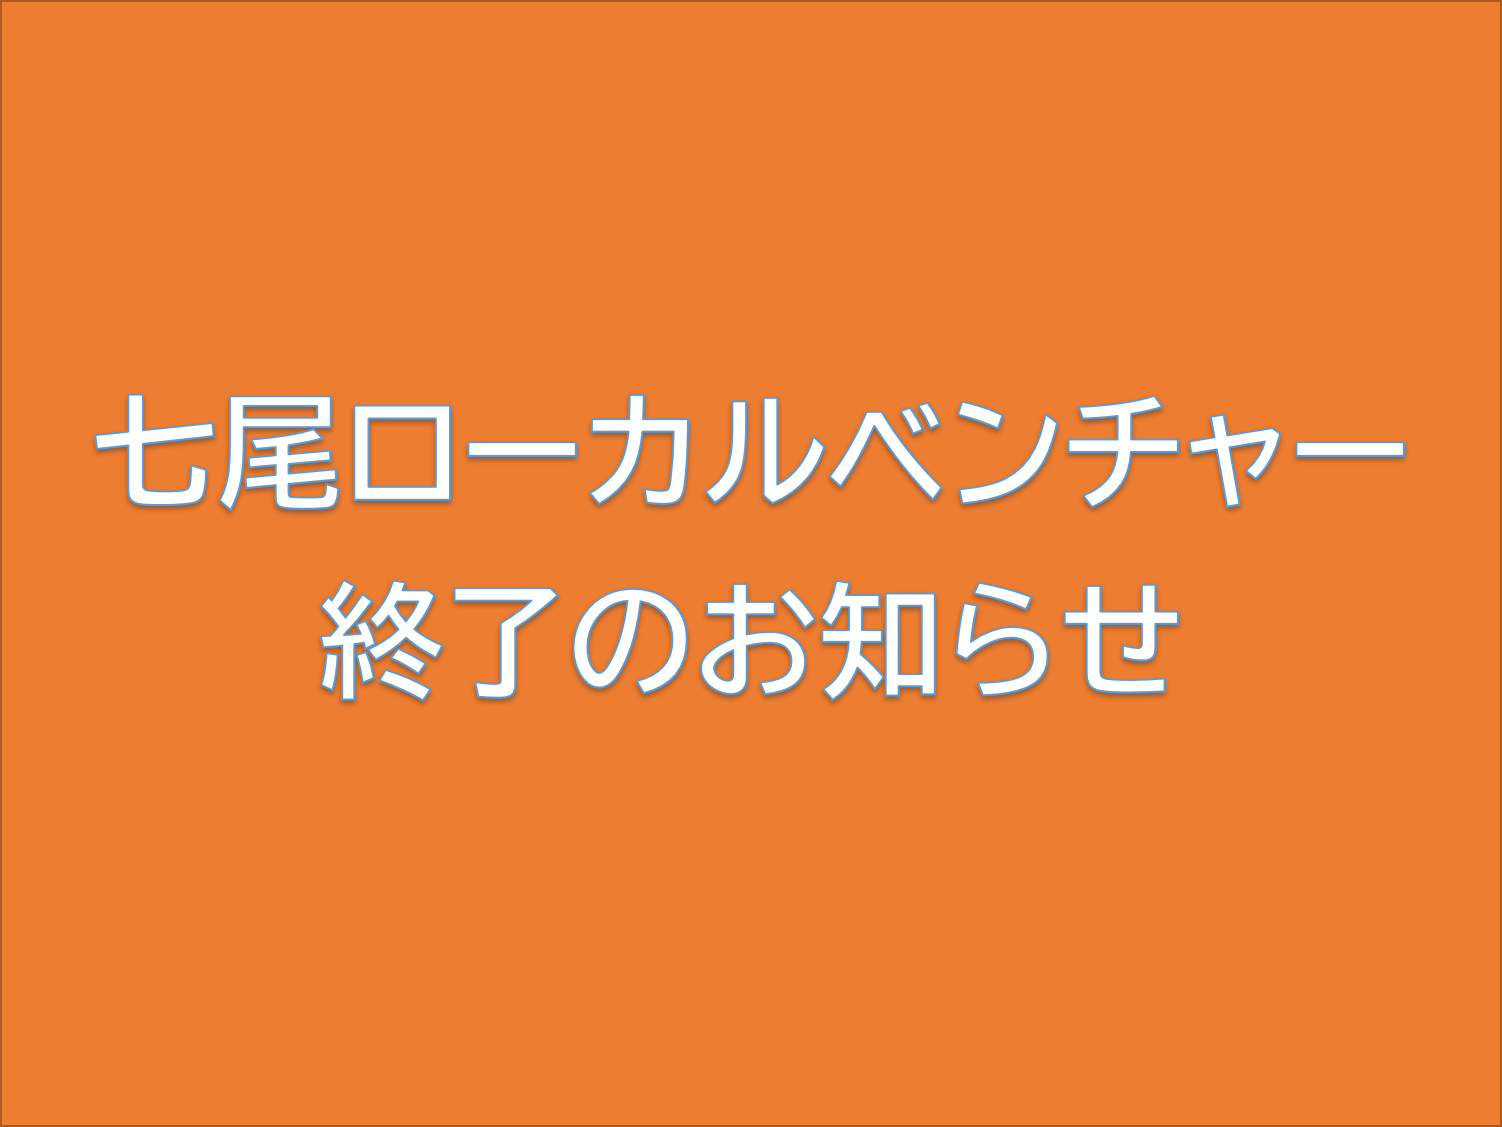 【完】七尾ローカルベンチャー